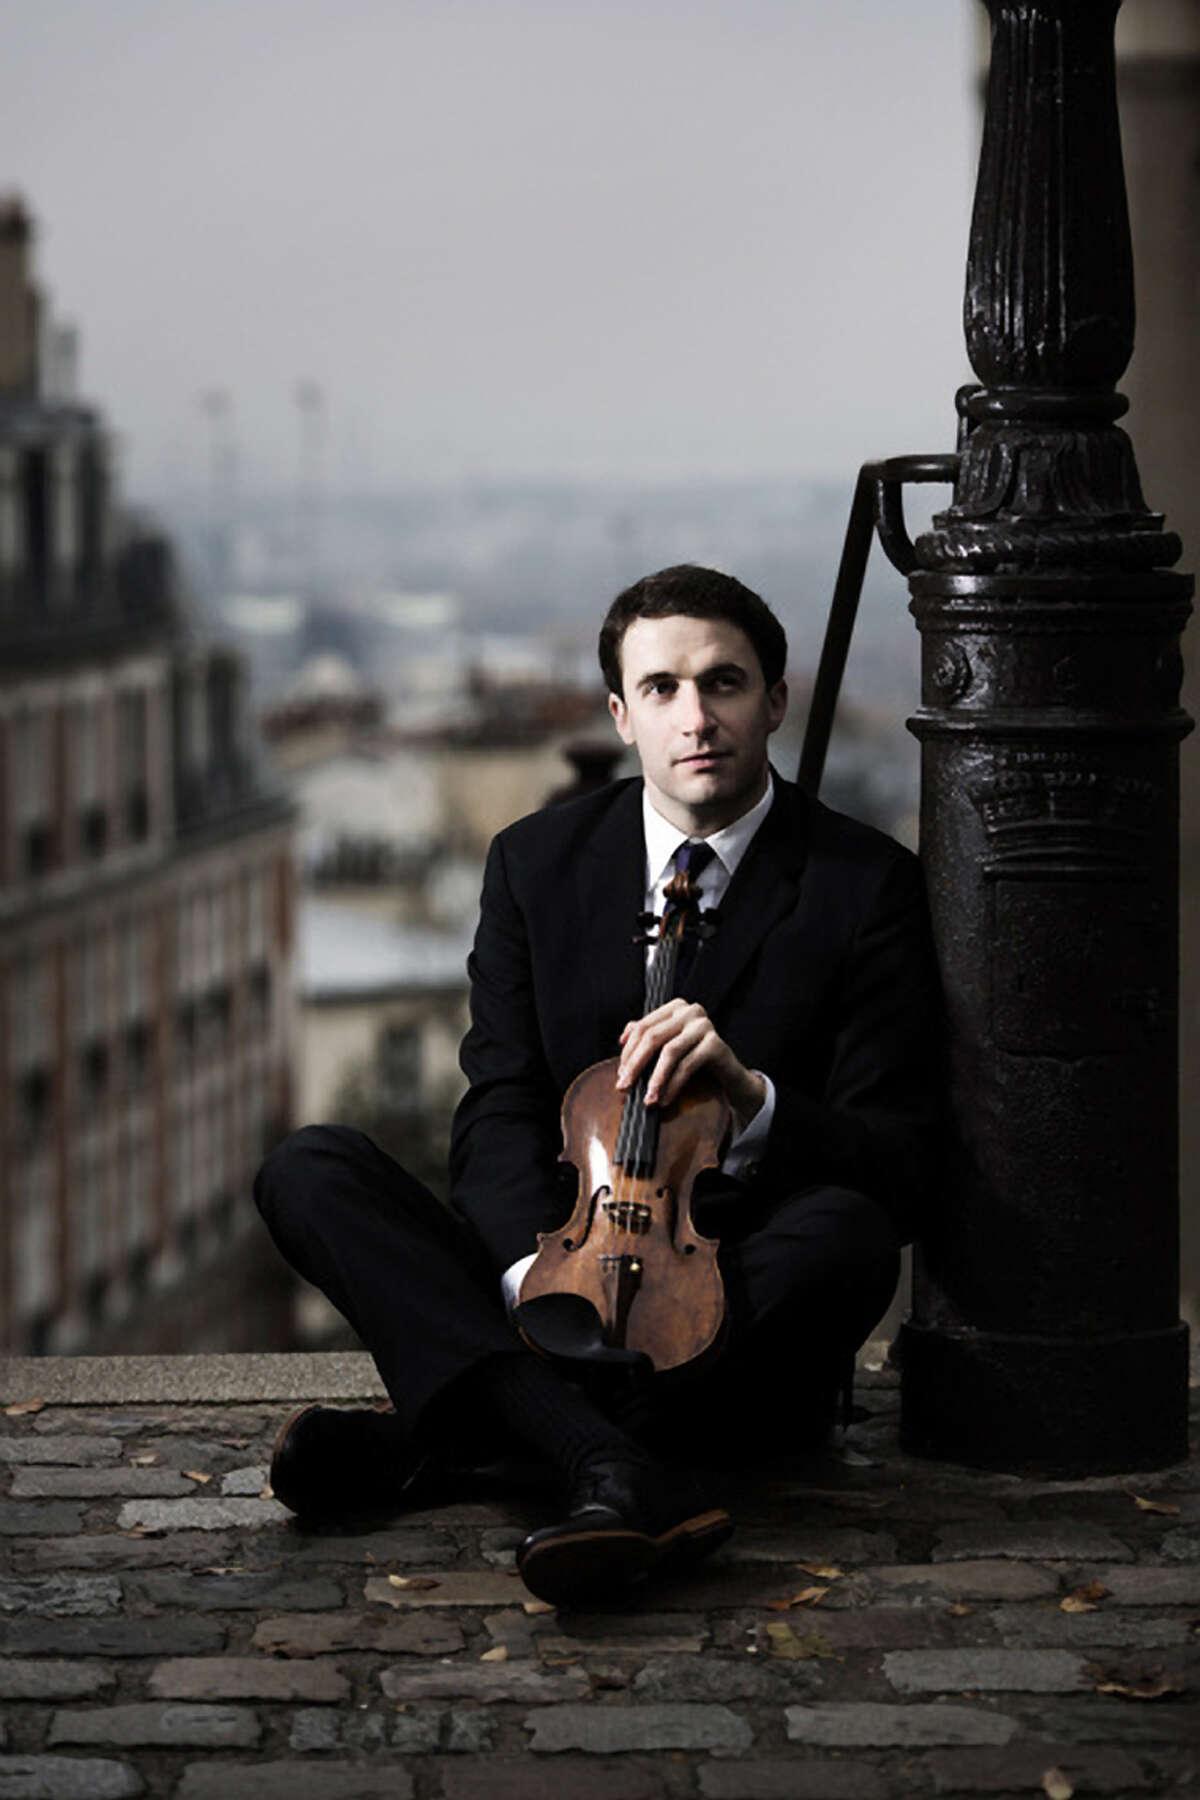 Violinist Noah Bendix-Balgley